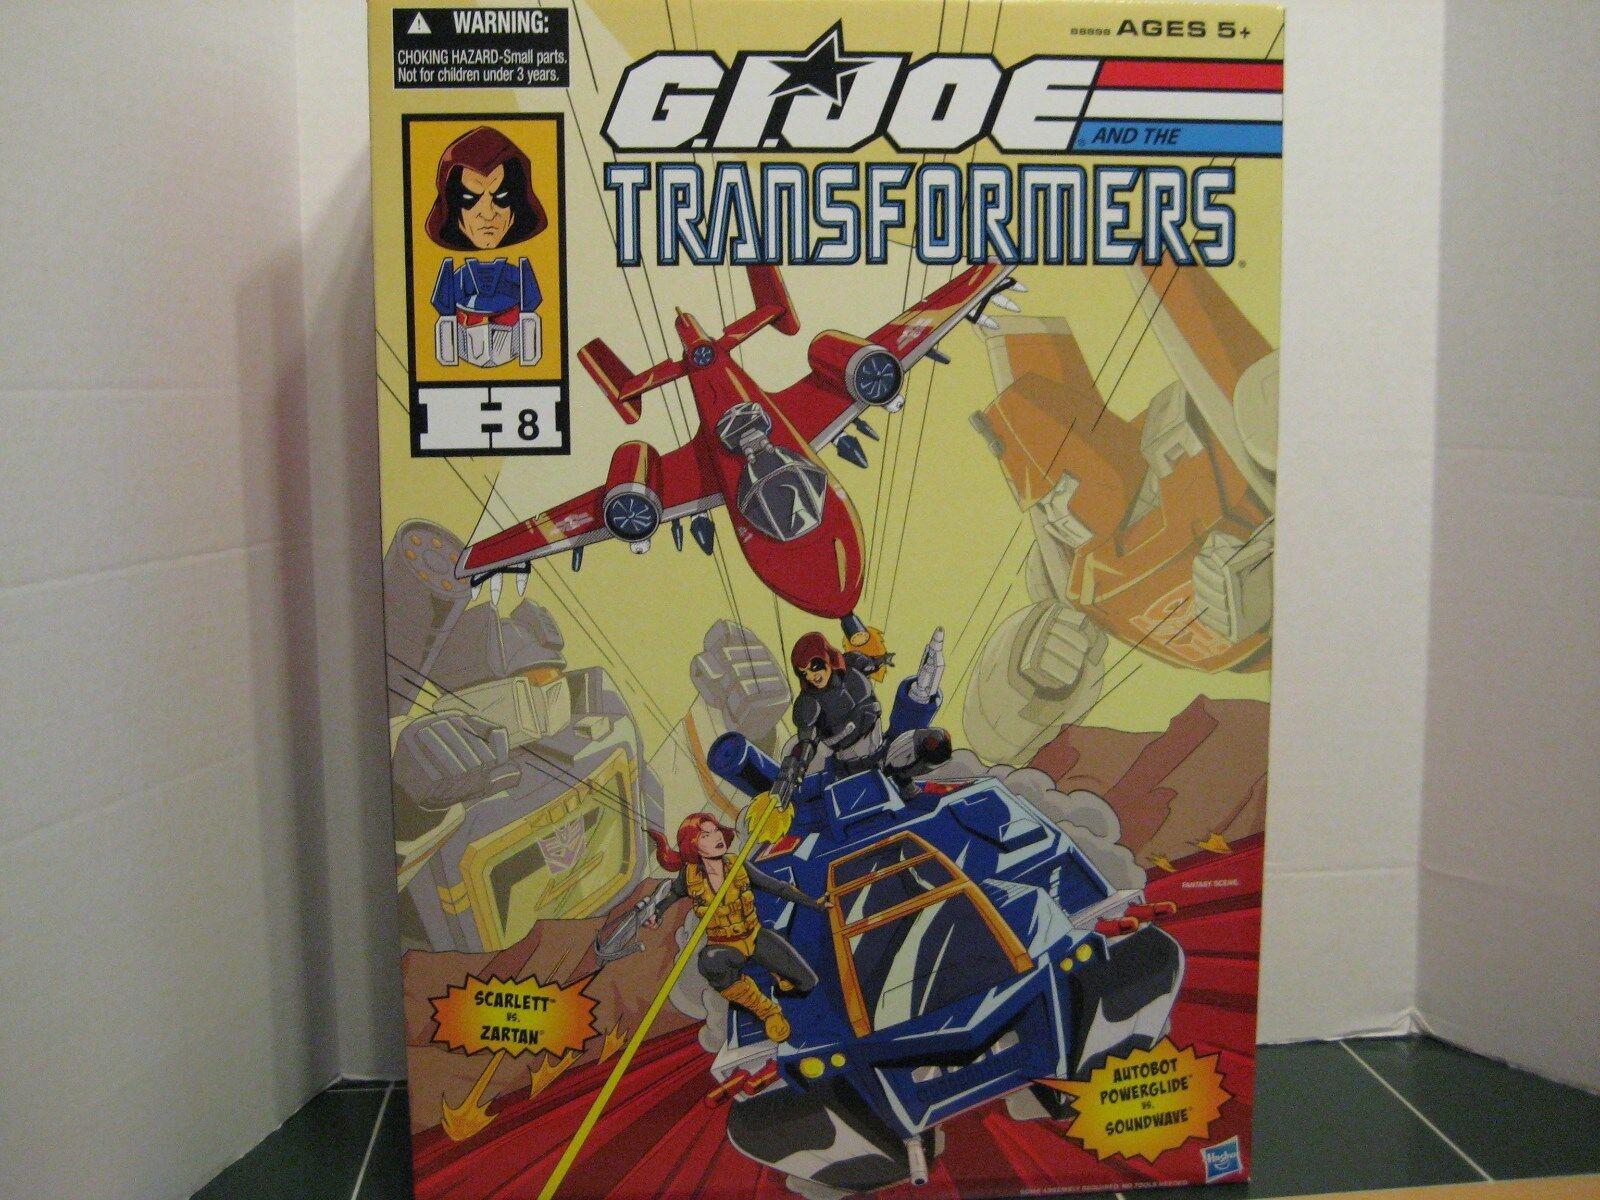 G.I.Joe  Transformers  Comic Con Exclusive Crougever Set  Svoiturelet vs Zartan  livraison gratuite